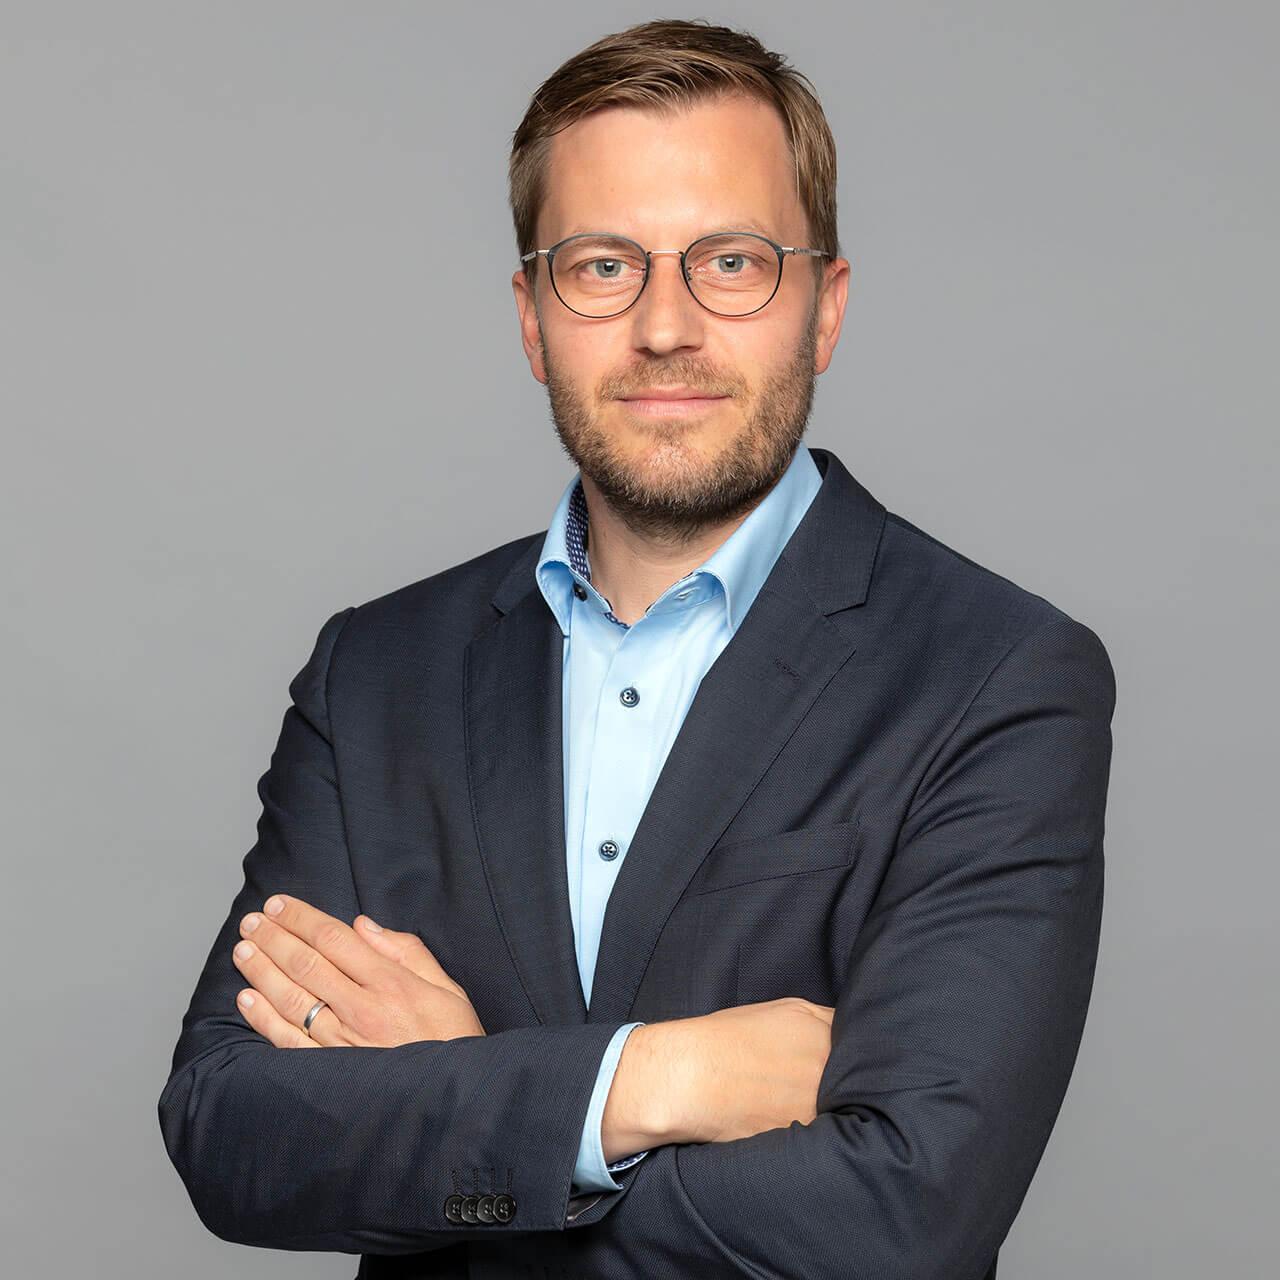 Sebastian Schaubeck